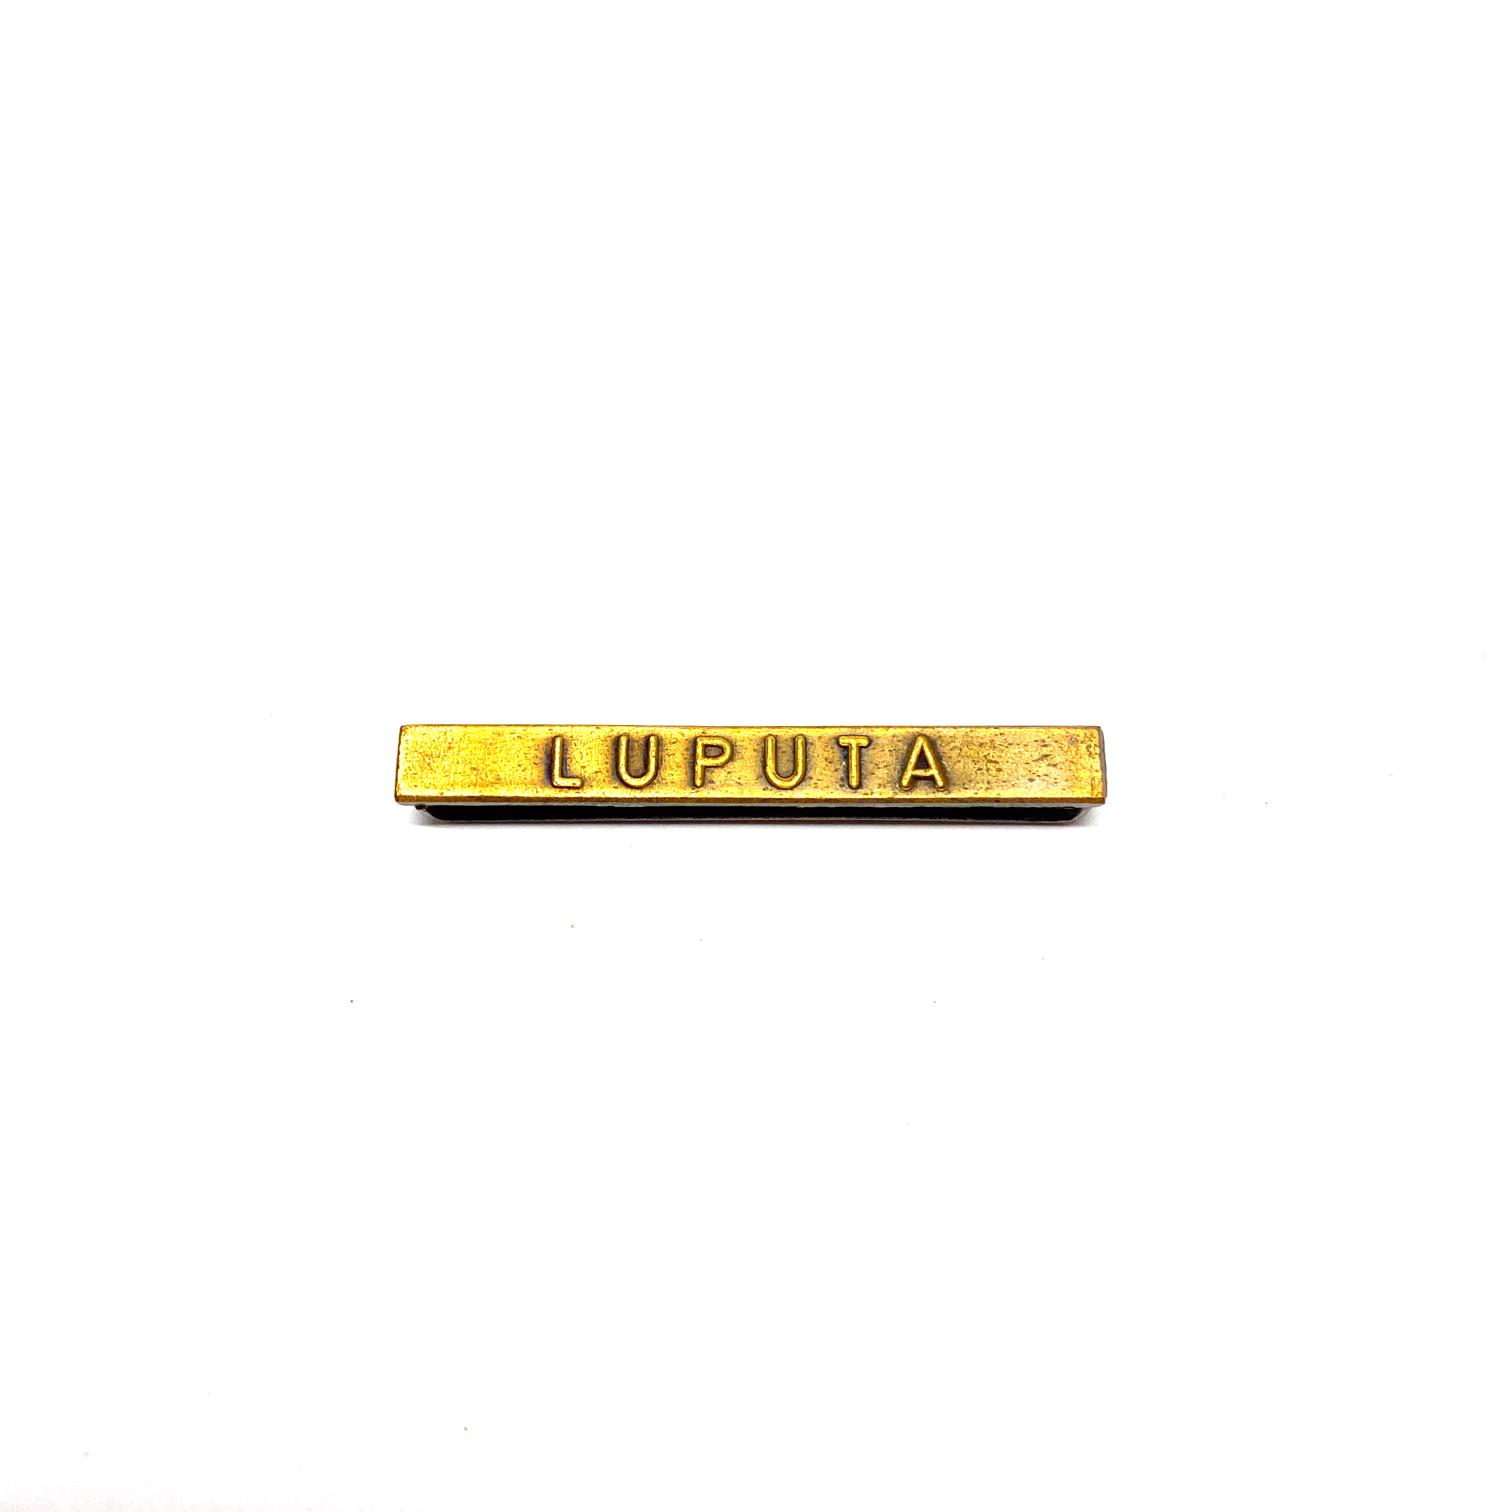 Bar Luputa for war medals